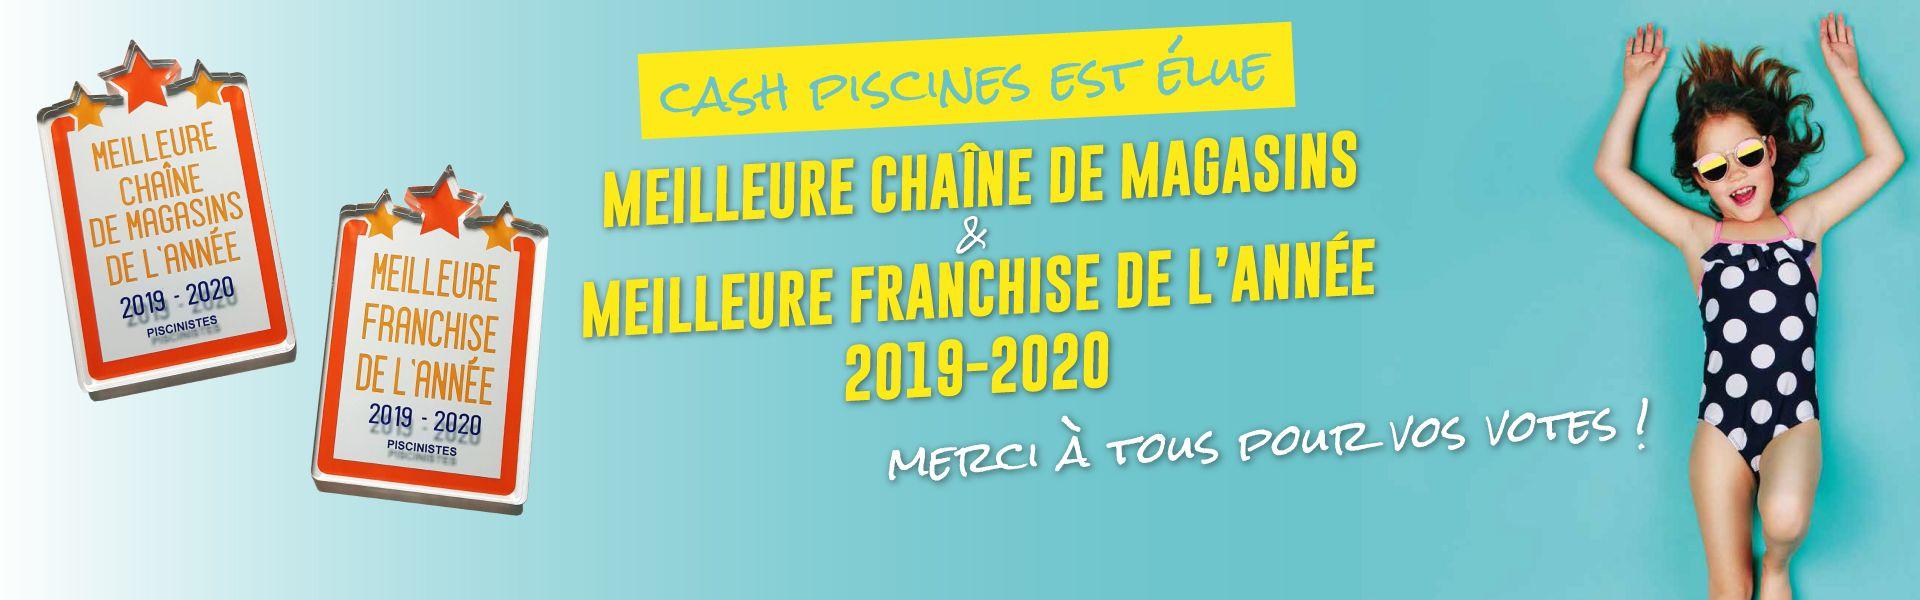 Cash Piscines - Tout Pour La Piscine & Spas Gonflables ... pour Cash Piscine Sollies Pont